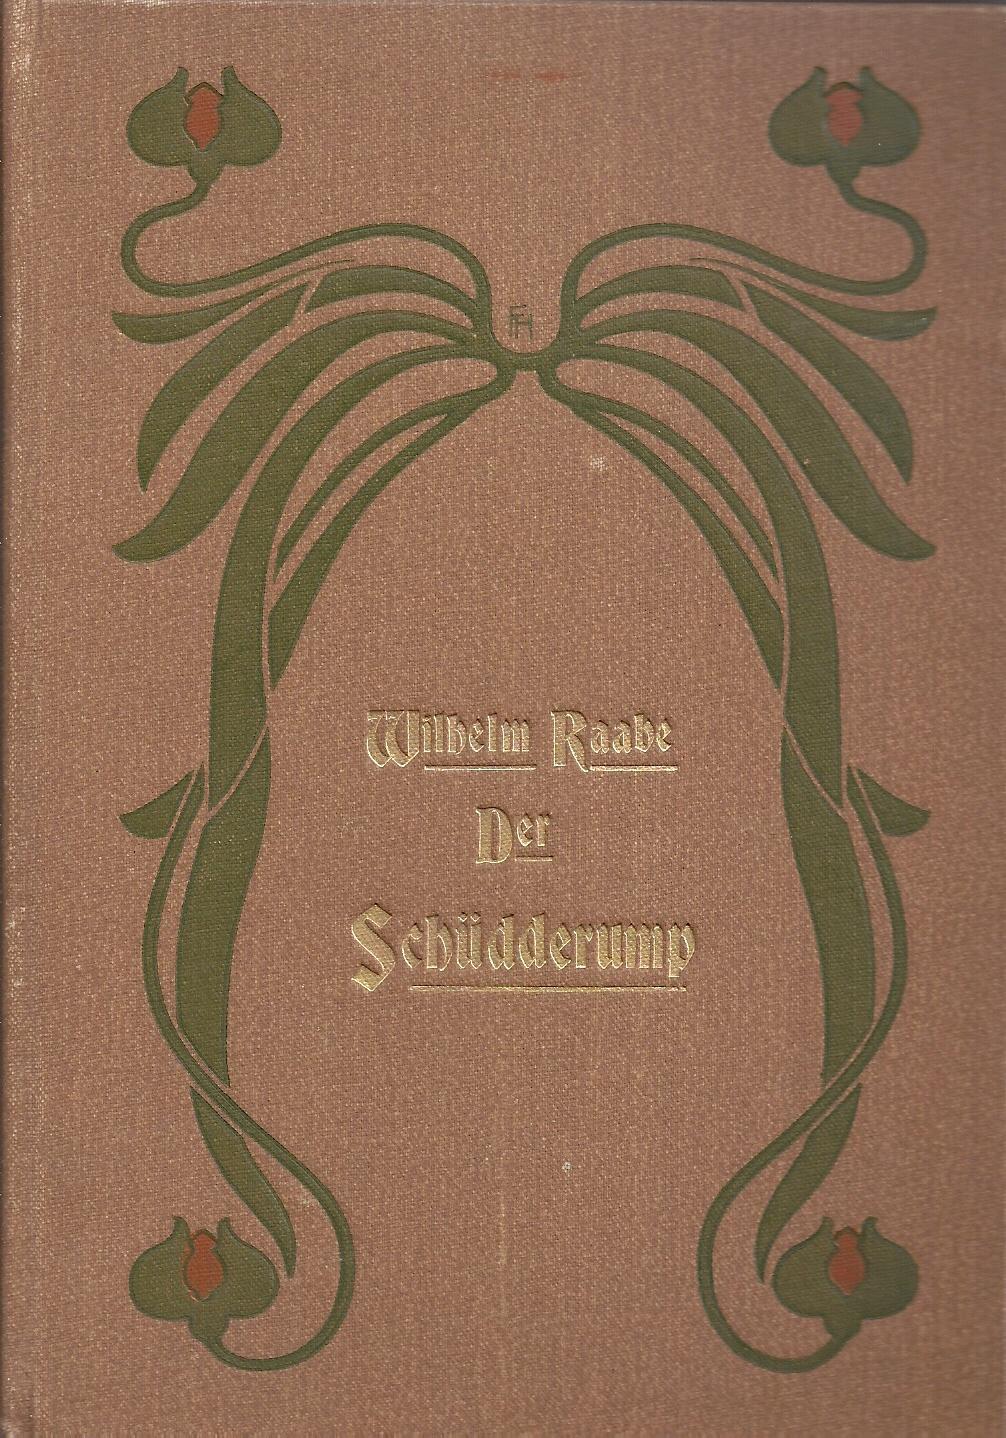 Der Schüdderump; Vierte Auflage 1903: Raabe,Wilhelm (pseu Jakob